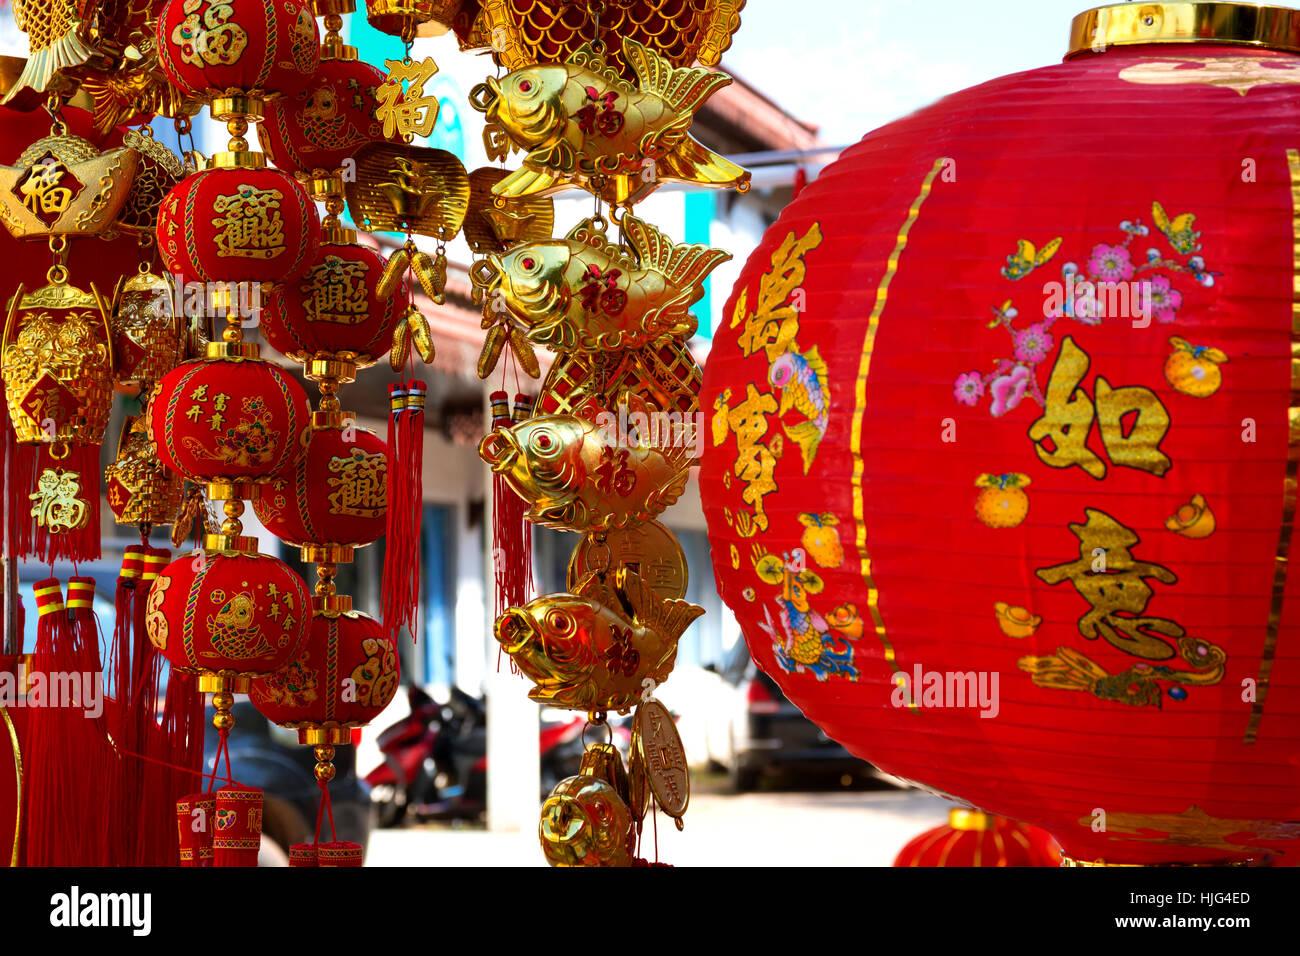 Decorazioni Con Lanterne Cinesi : Decorazioni tradizionali per il nuovo anno cinese rosso lanterne